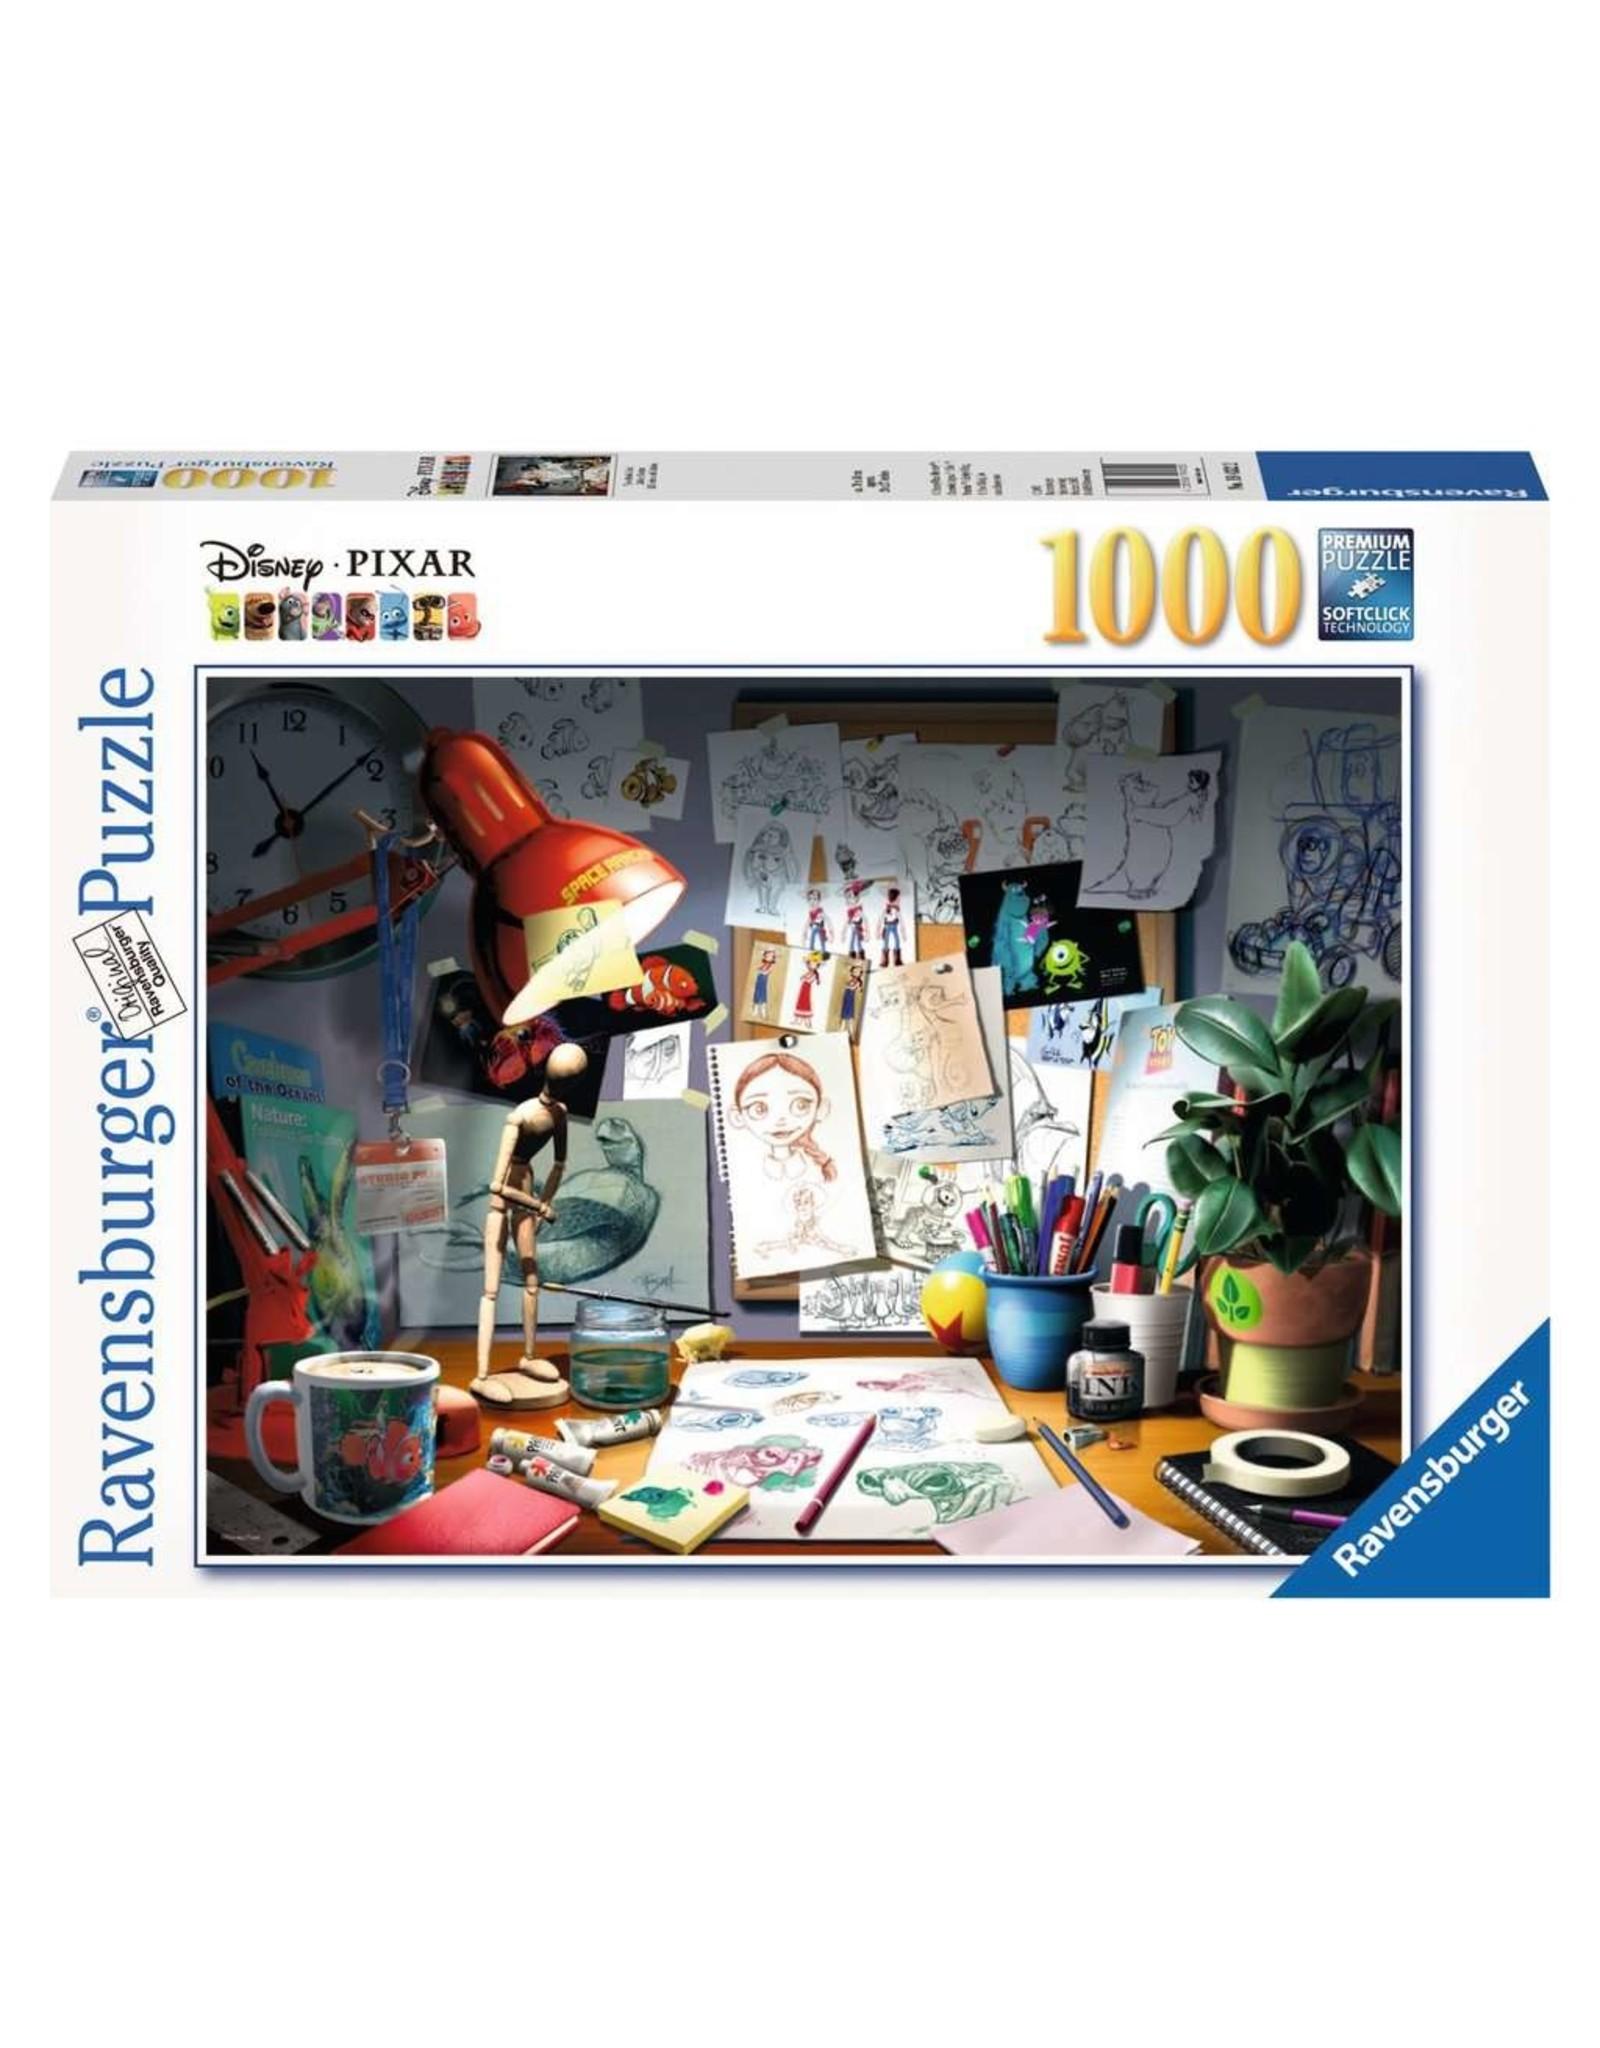 Ravensburger The Artist's Desk (1000 pc Puzzle)